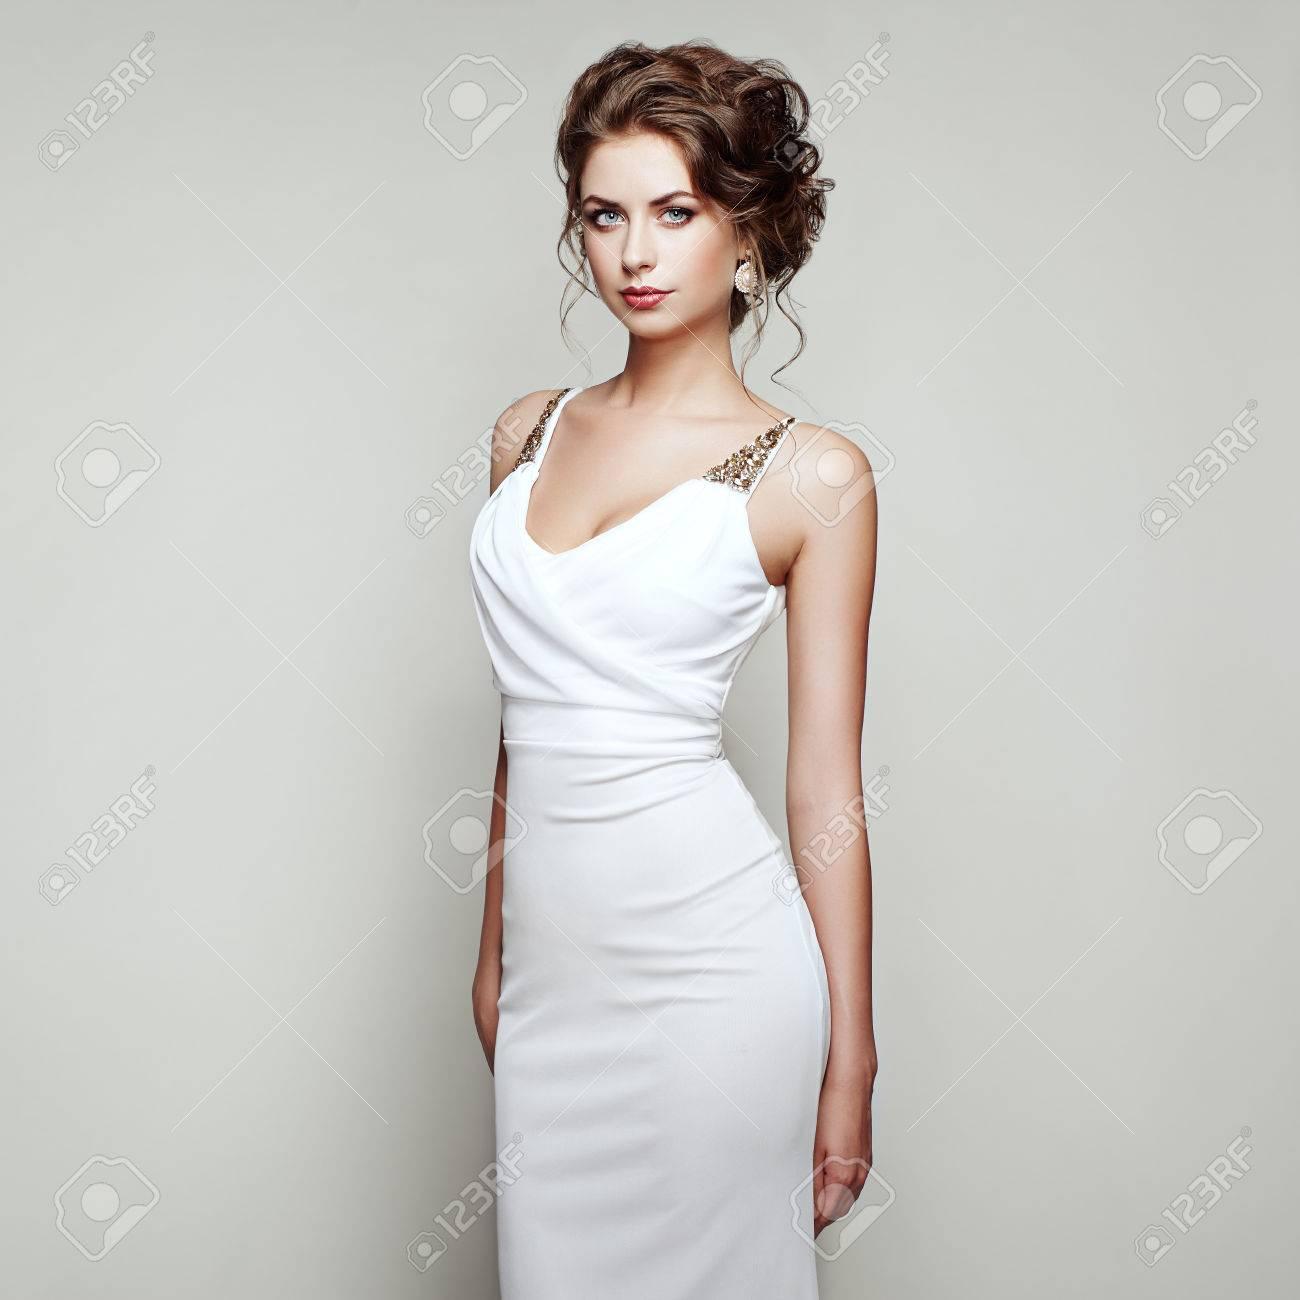 Avec Fashion Belle Femme BlancheFille La Robe Portrait De Élégante 0vOmN8nw